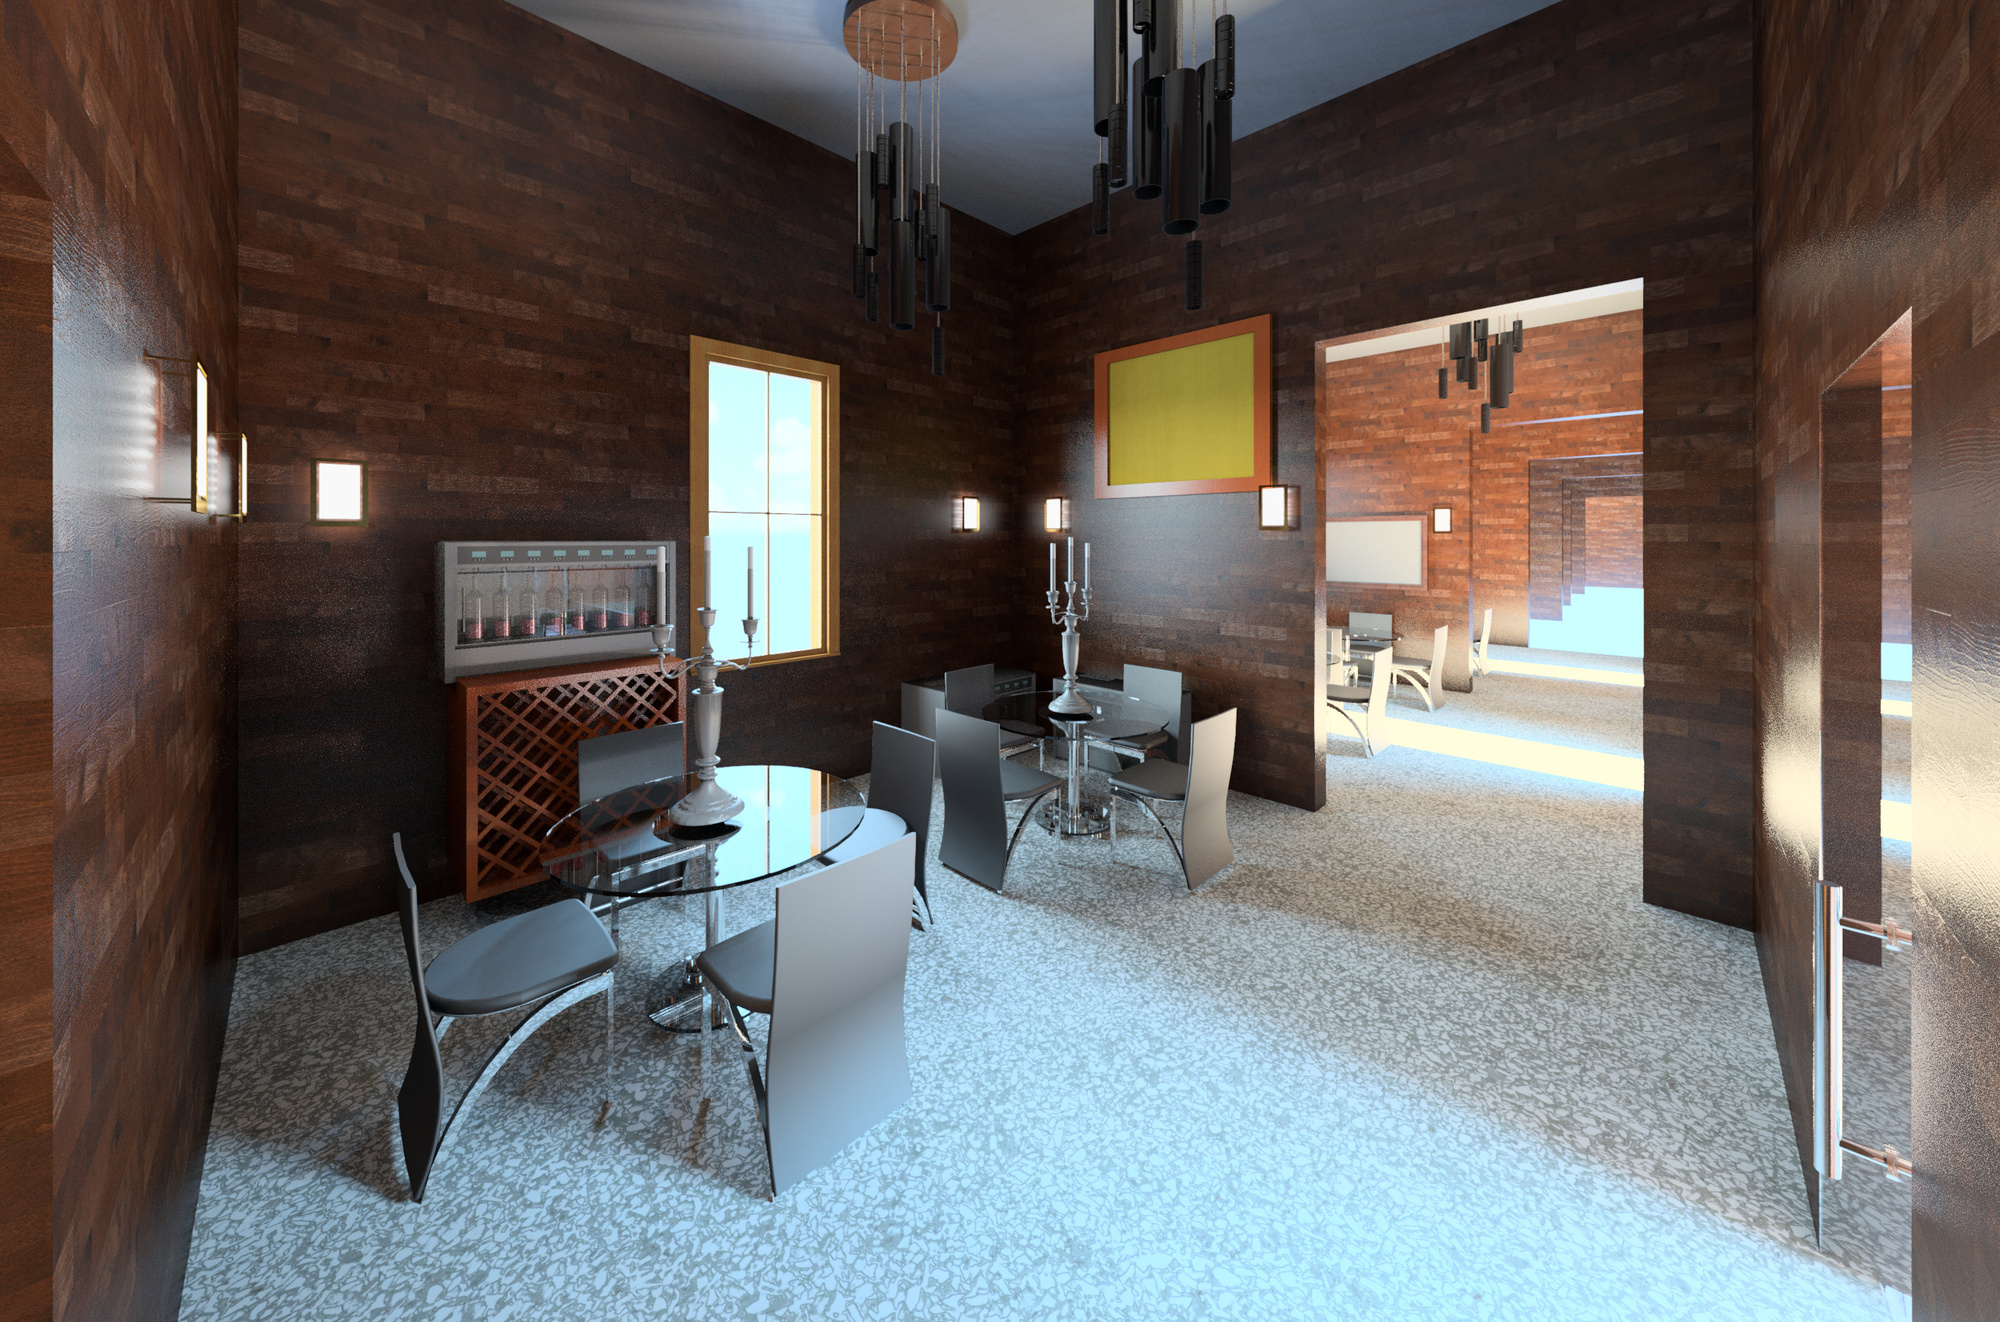 Raas-rendering20150209-29743-k0554b